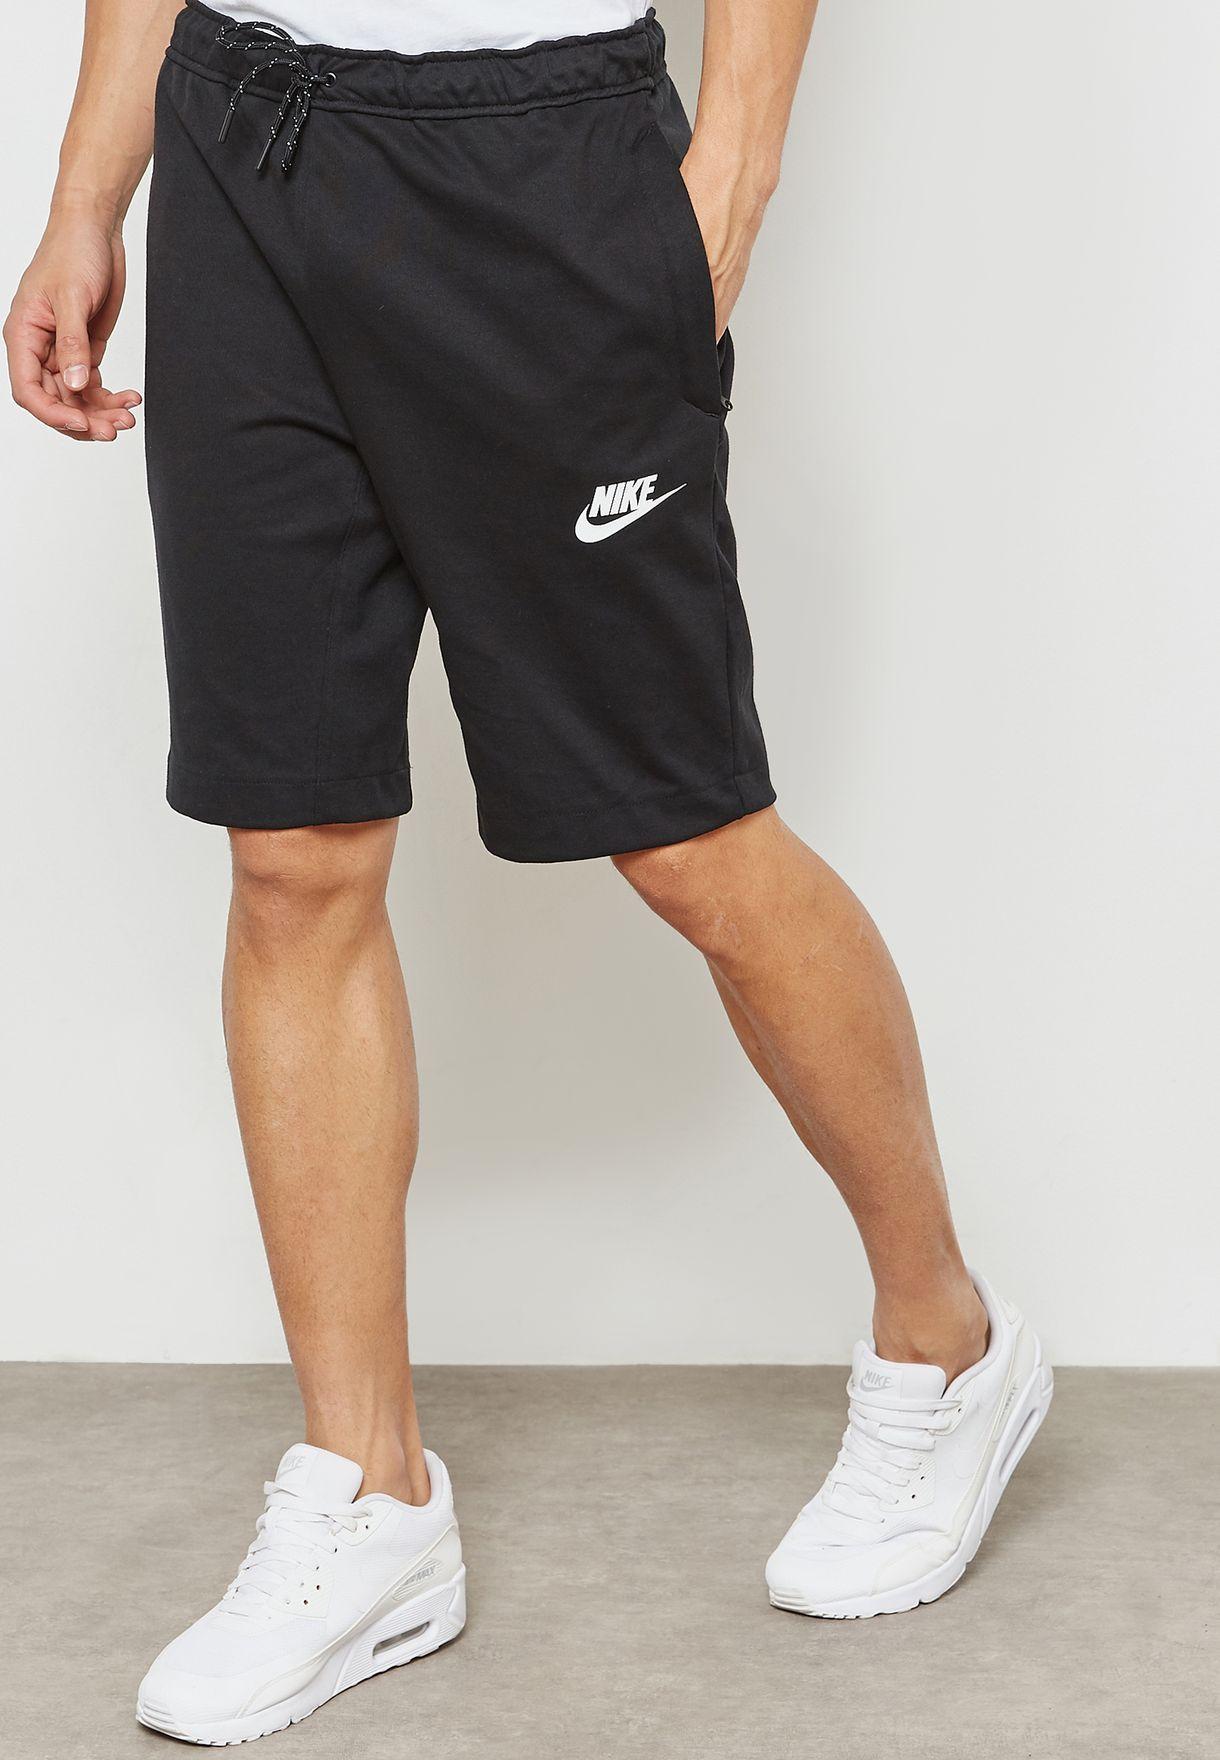 Necesario Consumir navegación  Buy Nike black AV15 Fleece Shorts for Men in Dubai, Abu Dhabi   861748-010    Fleece shorts, Black nikes, Men online shopping